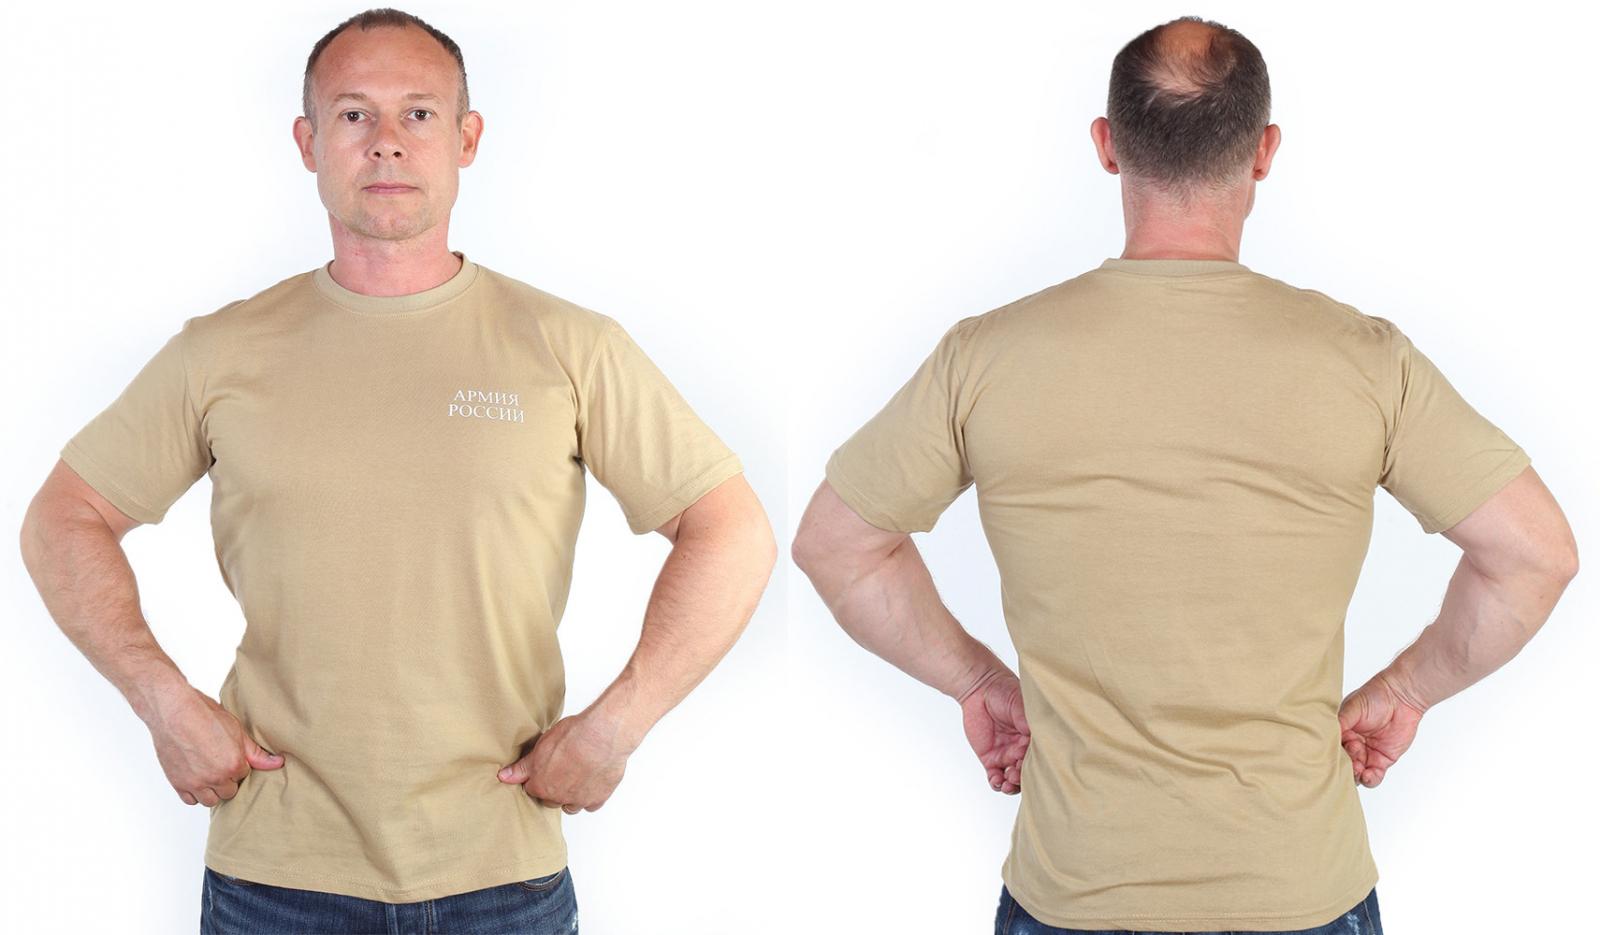 Заказать футболки уставная  «Армия России»